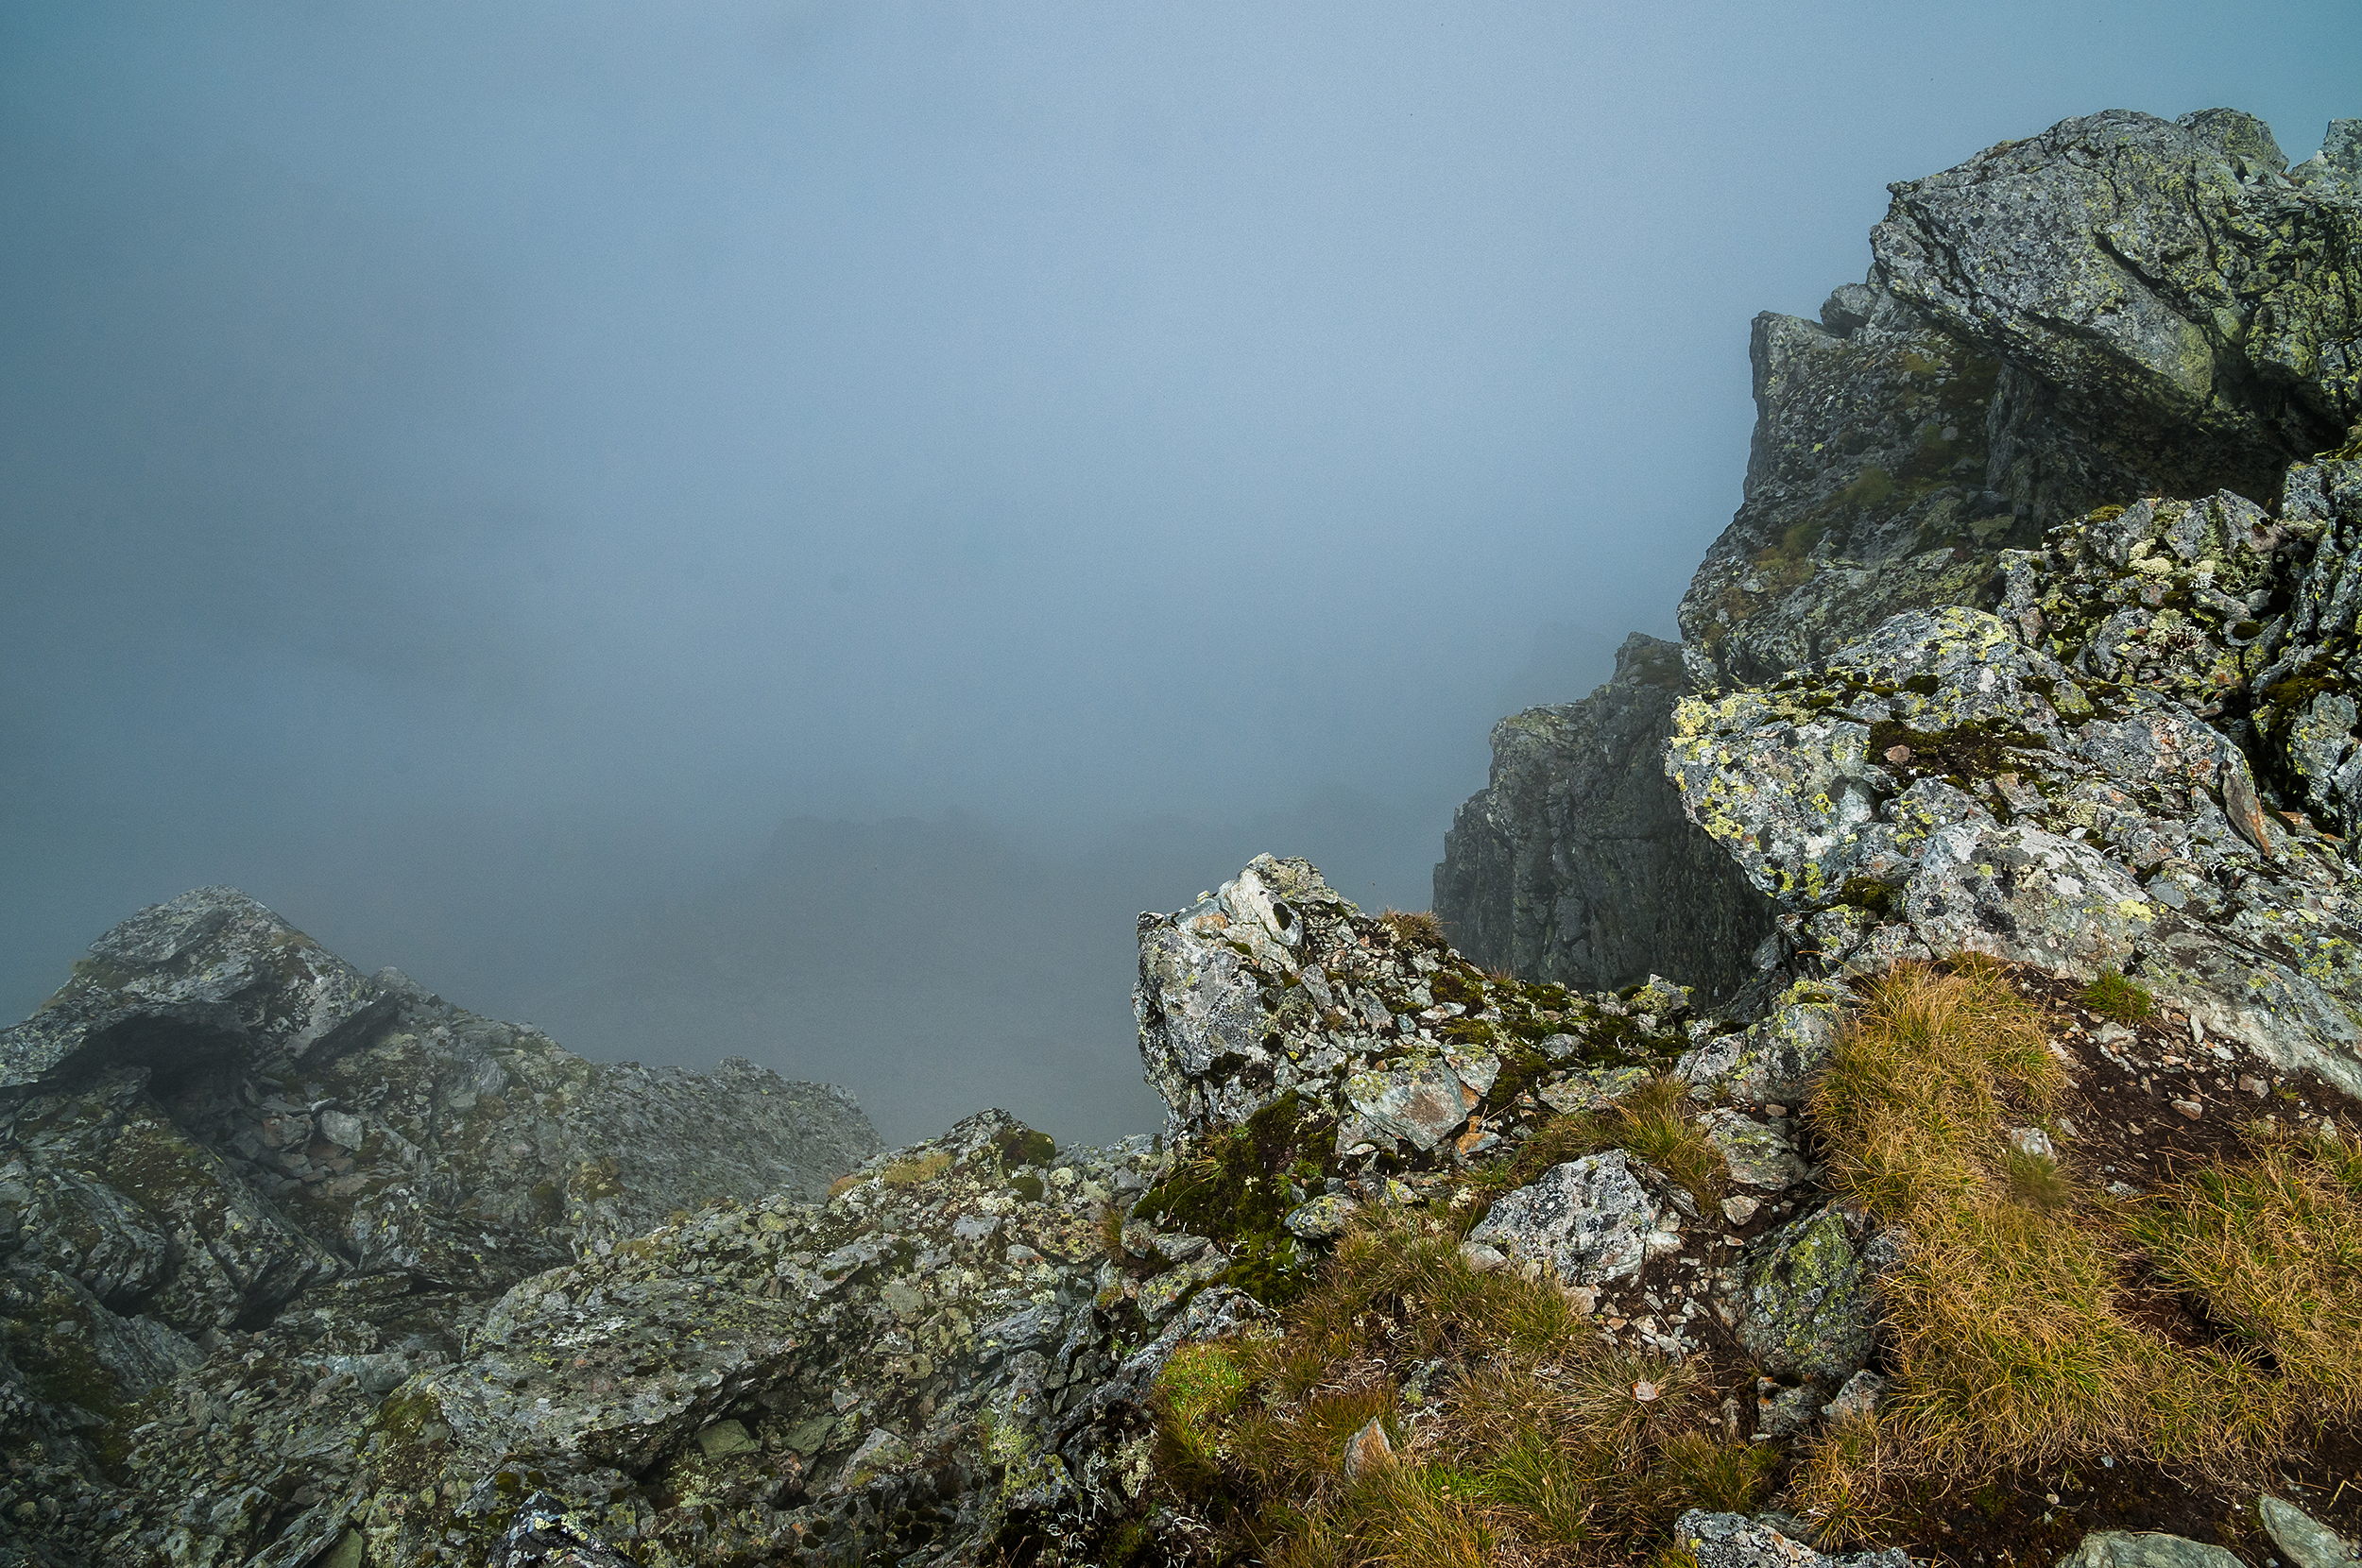 Acolo jos, din păcate în ceață, ar trebui să vedem Lacul Călțun. Mai jos cu vreo 380 m.